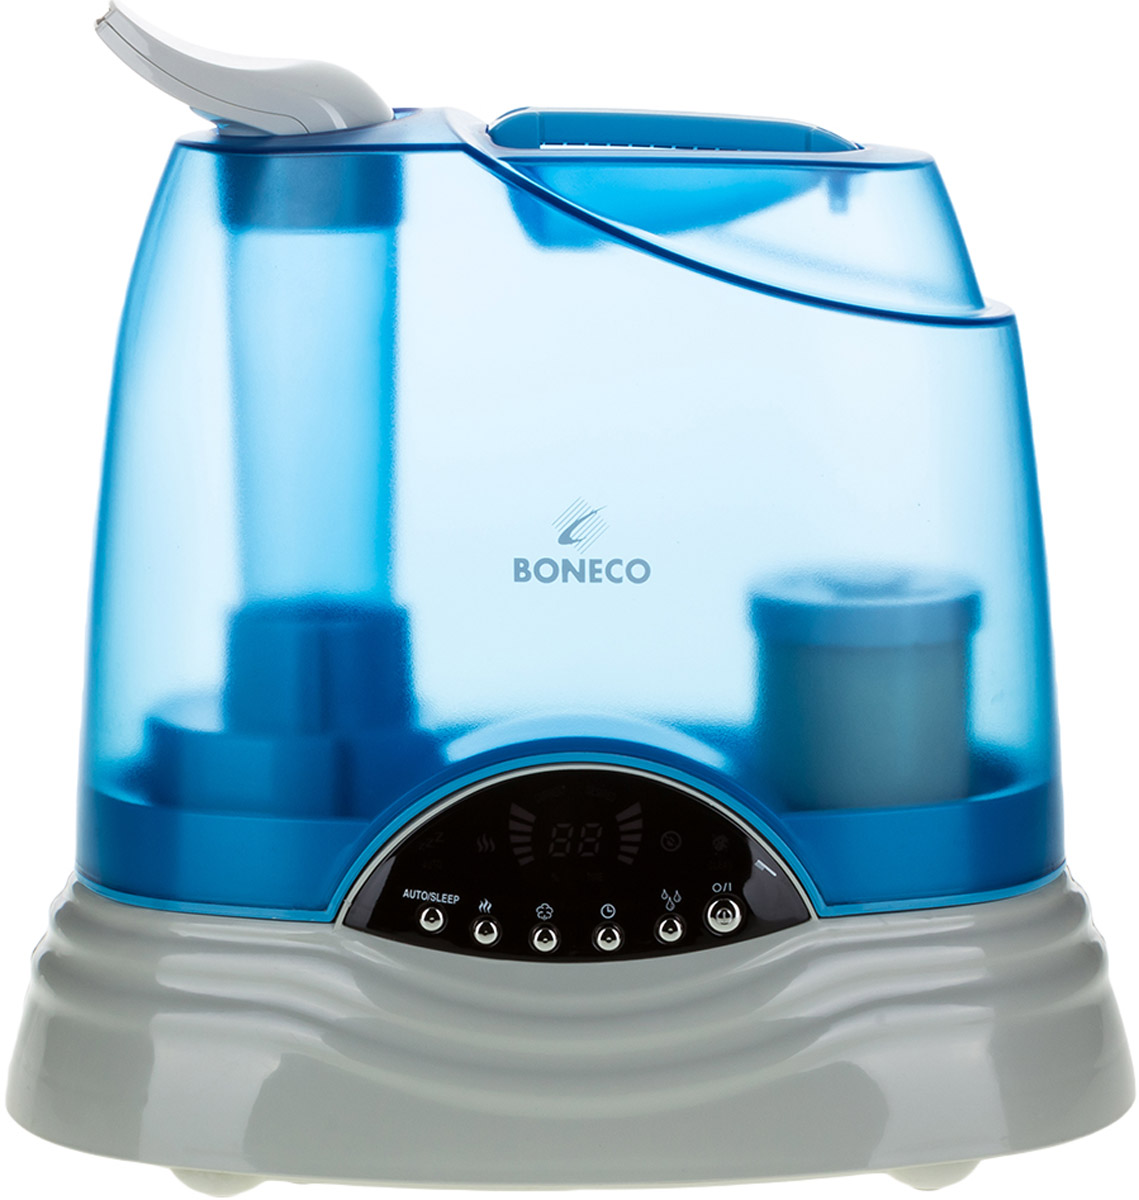 Boneco U7135 ультразвуковой увлажнитель воздухаНС-1082224Ультразвуковой увлажнитель воздуха Boneco U7135 — прибор с зеркальным дисплеем и электронным управлением, удачно сочетающий 2 вида увлажнения – «холодный» и «теплый пар». Увлажнитель Boneco U7135 экономичен с точки зрения расхода электроэнергии, работает с низким уровнем шума и удобен в управлении. К тому же, прибор оборудован встроенным гигростатом, который поддерживает заданный уровень влажности в помещении.Информативный ЖК-дисплей прибора значительно облегчит его эксплуатацию, отображая режим работы, текущую и заданную влажность в помещении. Сменный фильтр-картридж с ионообменной смолой смягчает и обеззараживает воду, а функция нагрева воды (пастеризация) гарантирует гигиенически чистый пар и повышает эффективность увлажнения. Увлажнитель Boneco U7135 самостоятельно контролирует «собственное здоровье»: в увлажнителе предусмотрен датчик загрязнения, который загорается в случае необходимости почистить прибор.